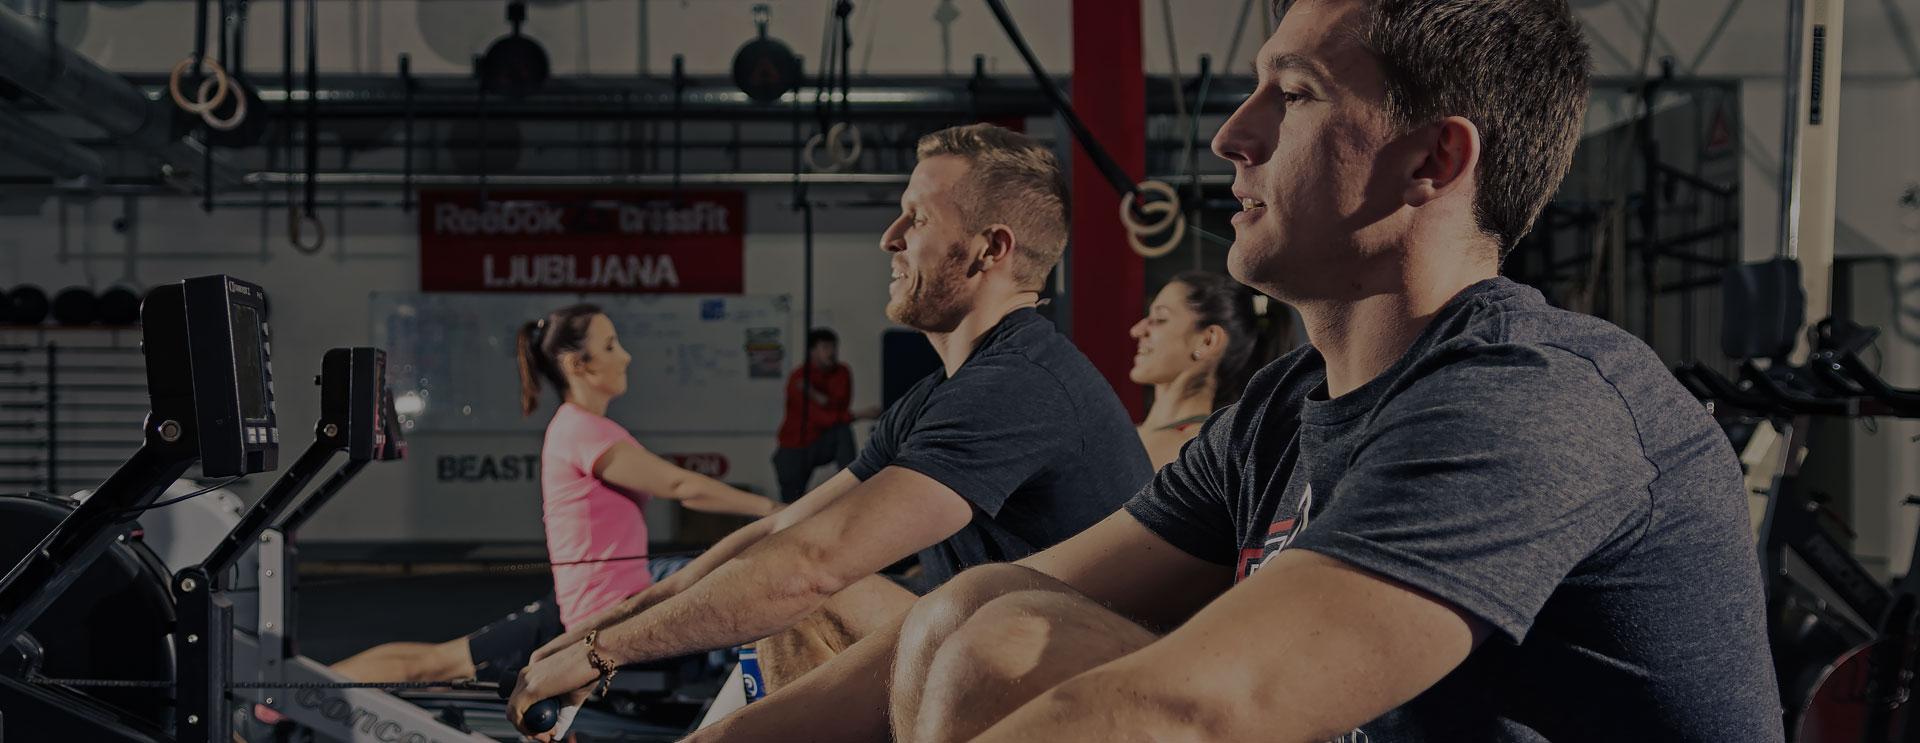 Reebok CrossFit Ljubljana